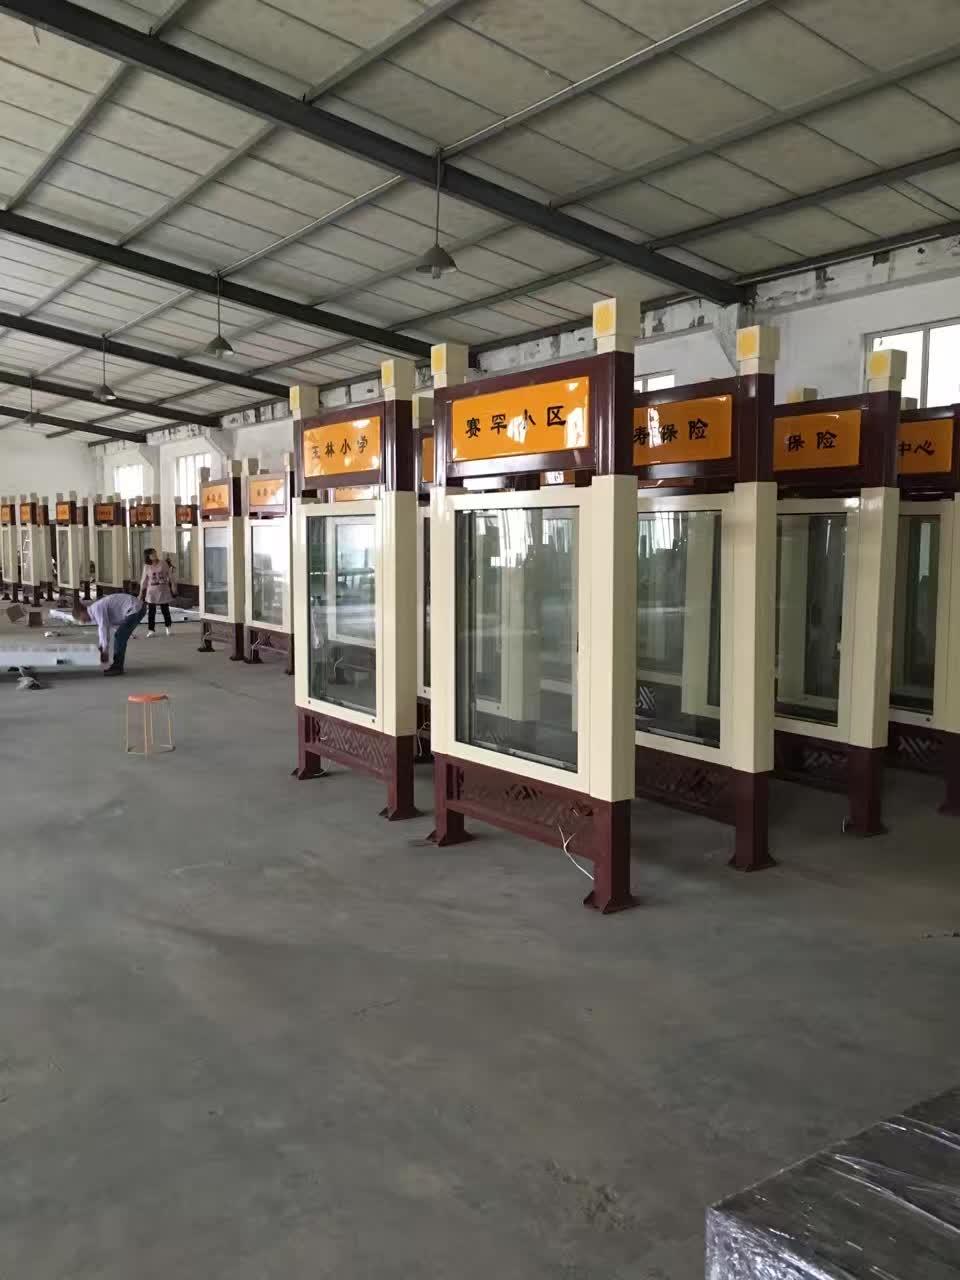 河北小型阅报栏灯箱发货,专业技术值得信赖115252889699.jpg